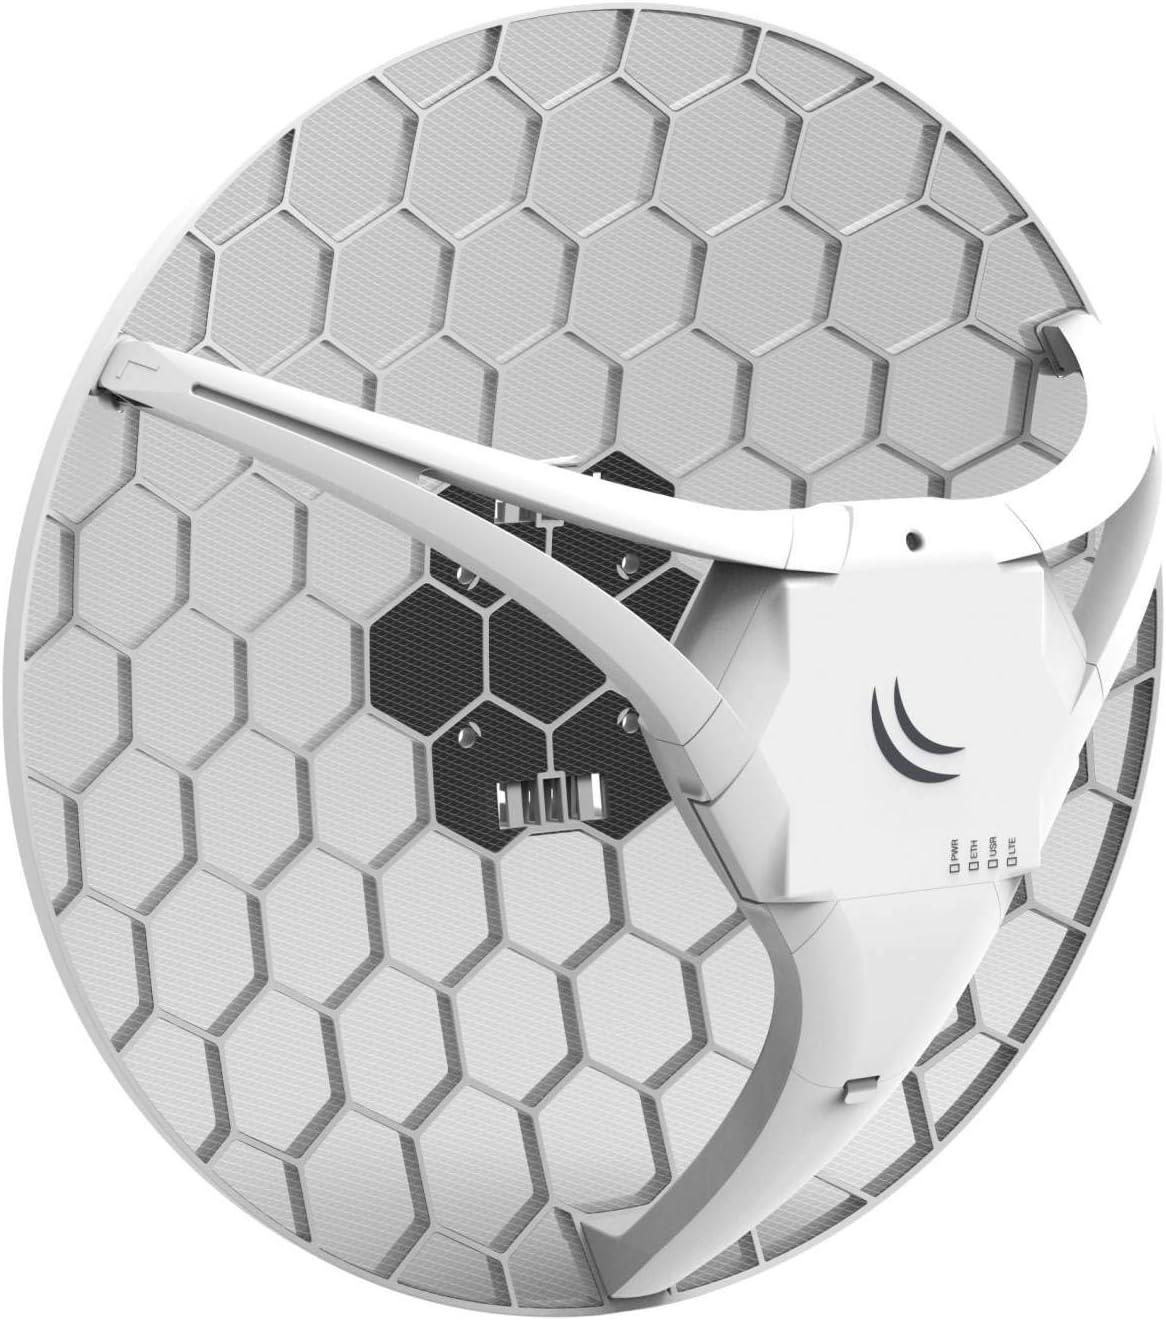 MikroTik LHG LTE kit LHG 2G/3G/4G/LTE CPE, RBLHGR&R11e-LTE ...